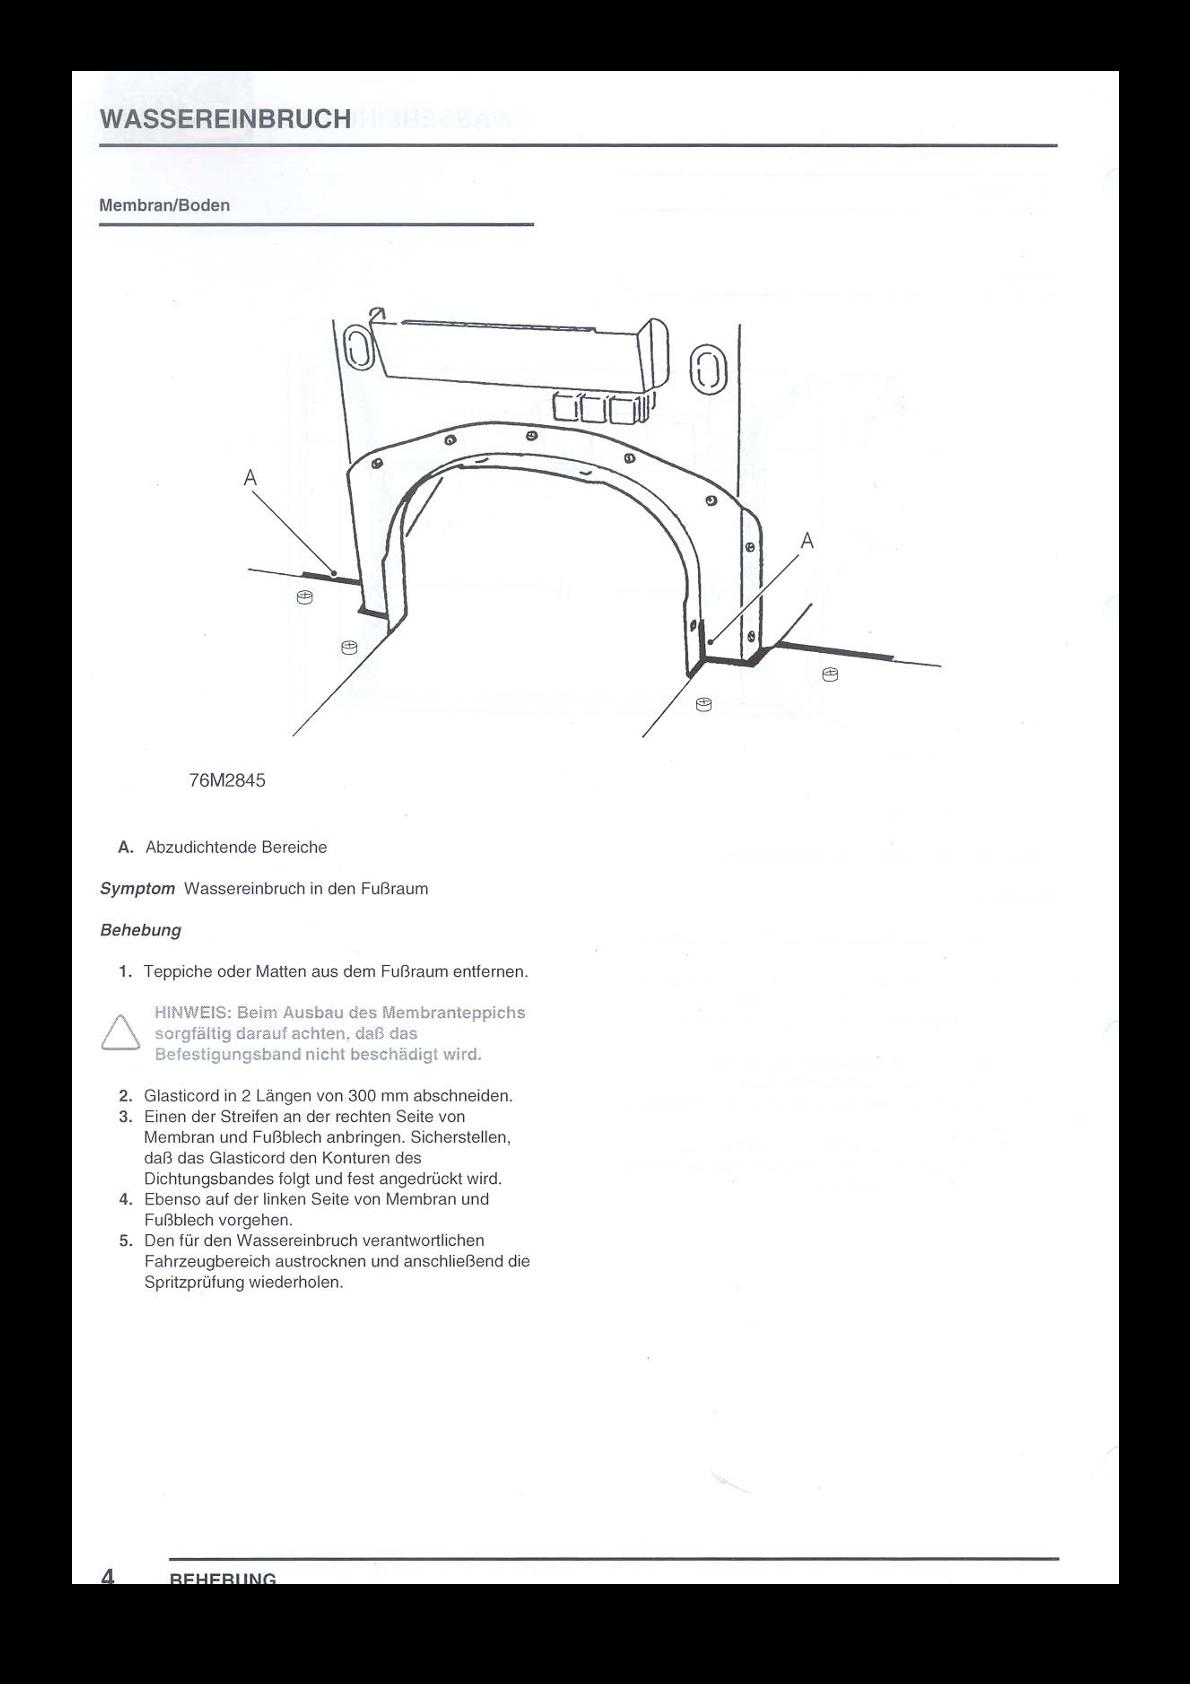 Land-rover Defender Water Ingress Manual - Stadtwerke Detmold Gmbh